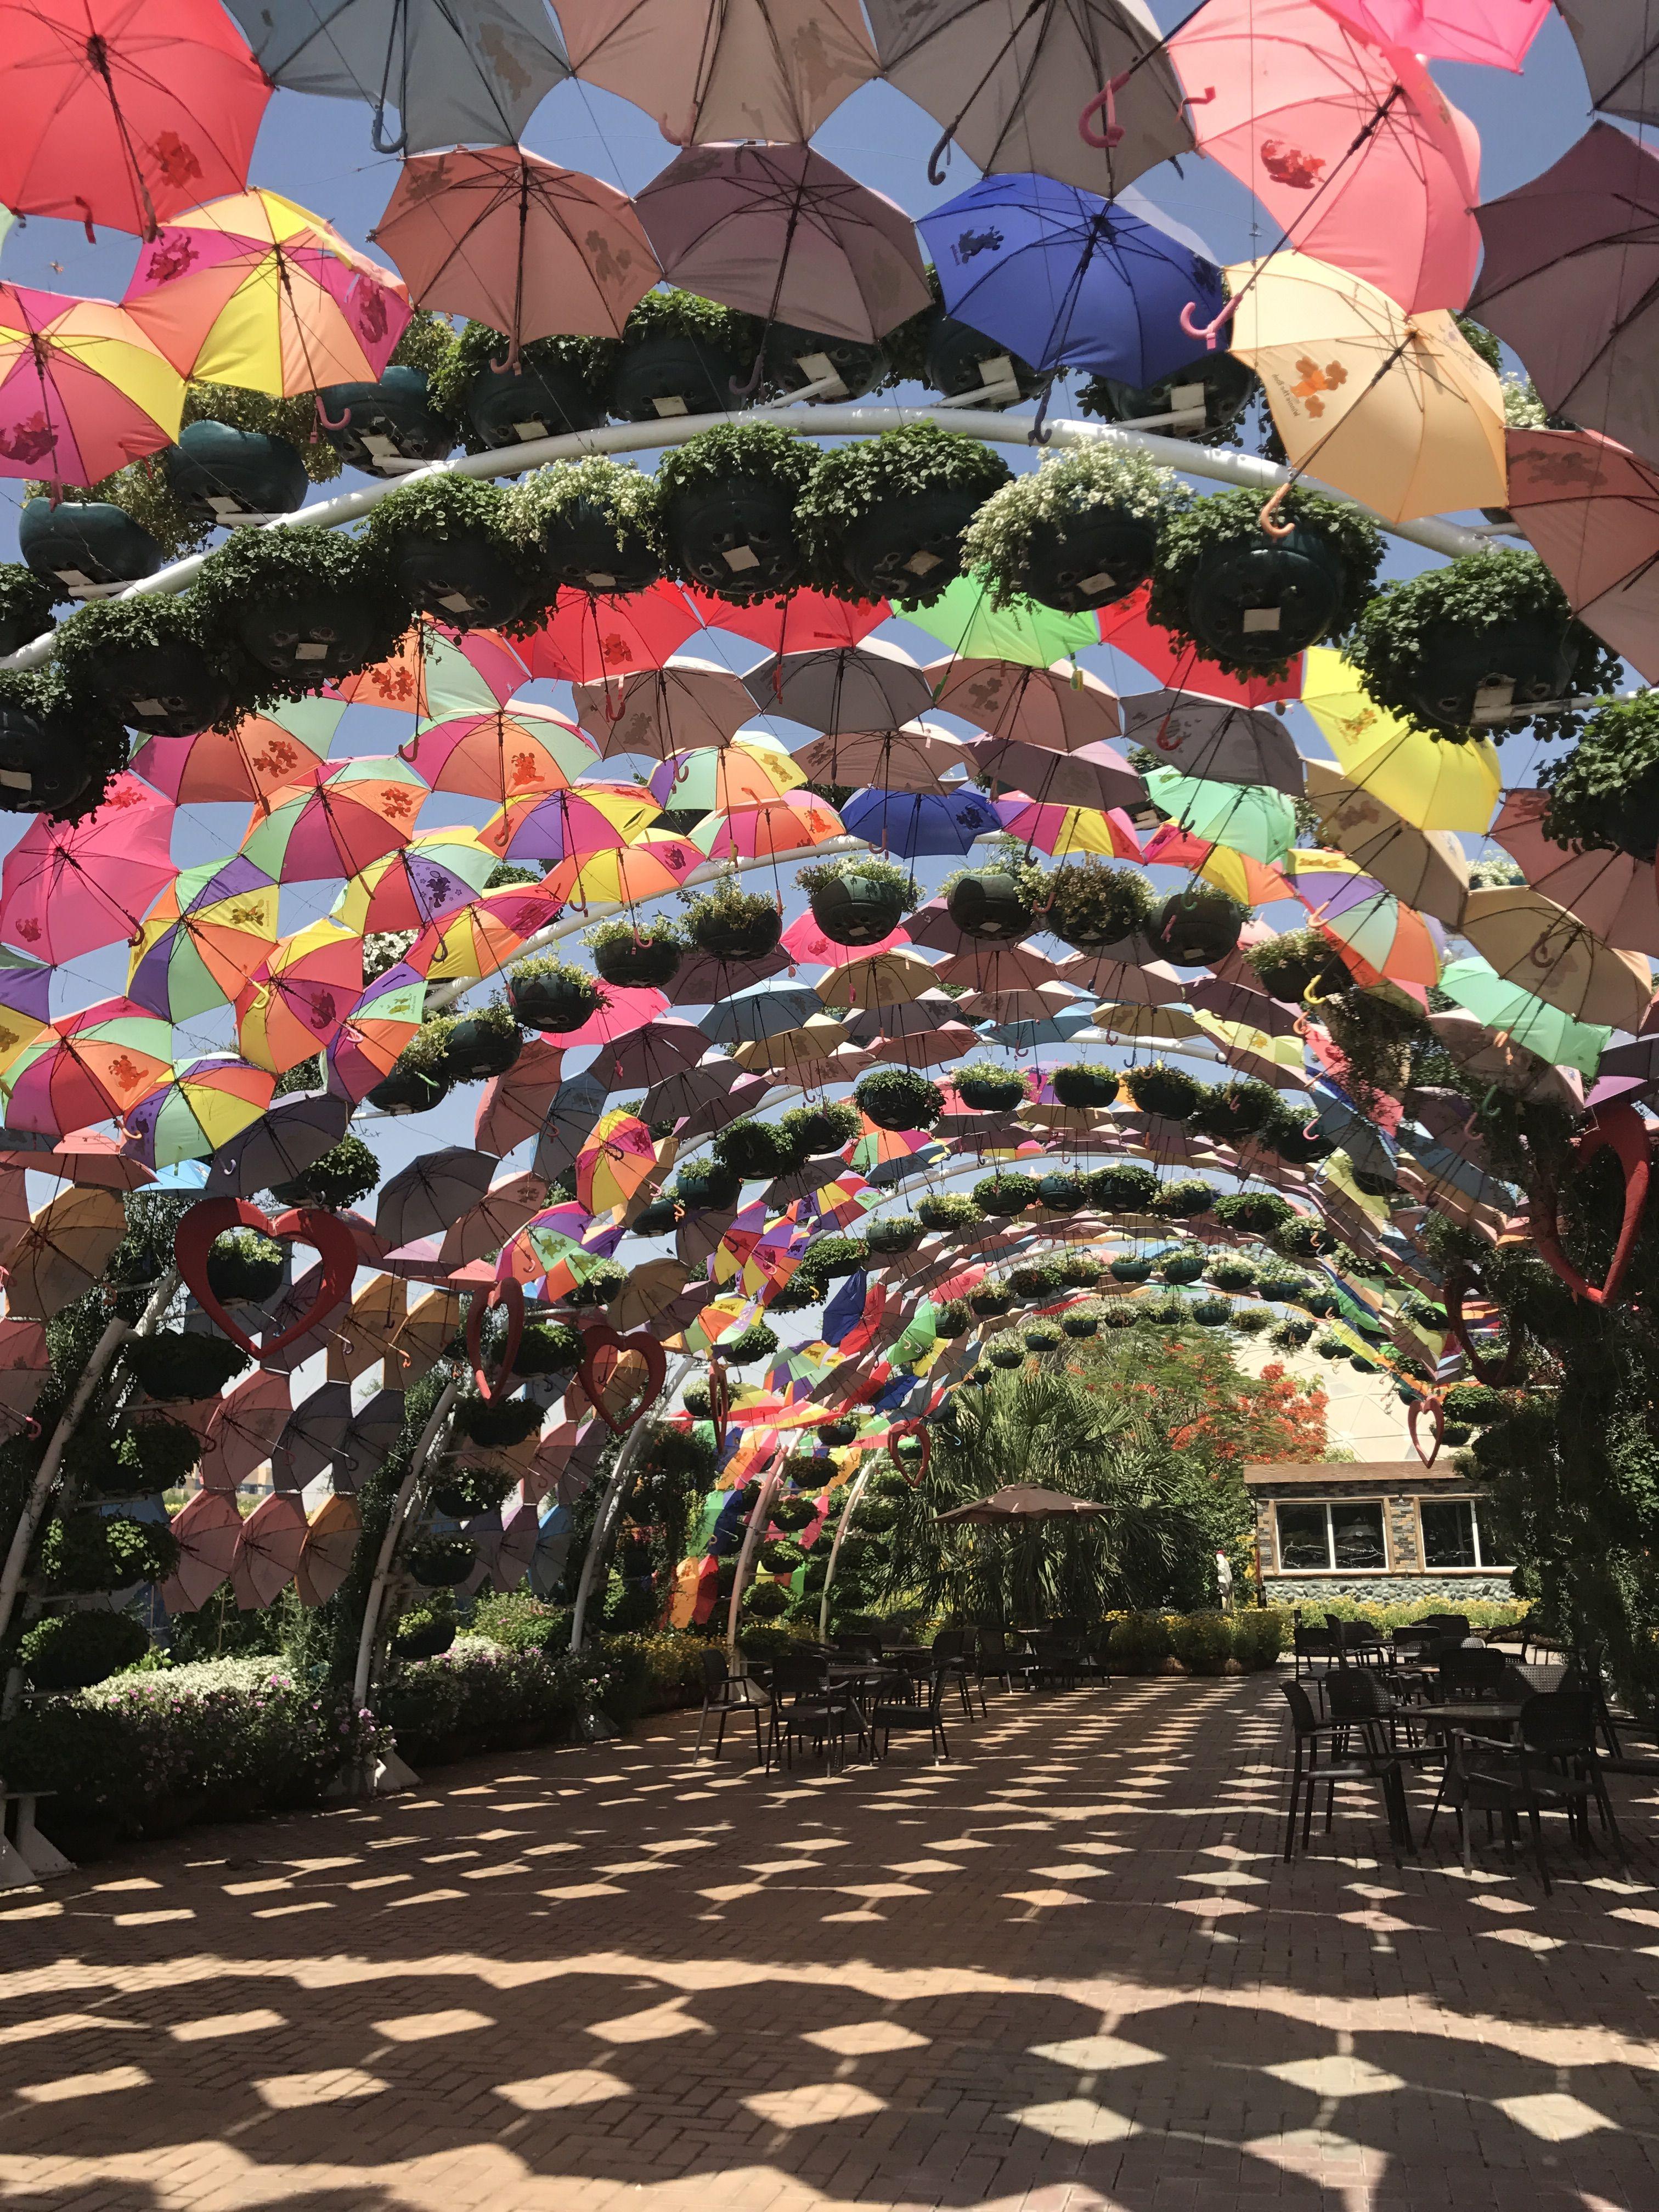 Butterfly garden in Dubai Dubai garden, Garden soil